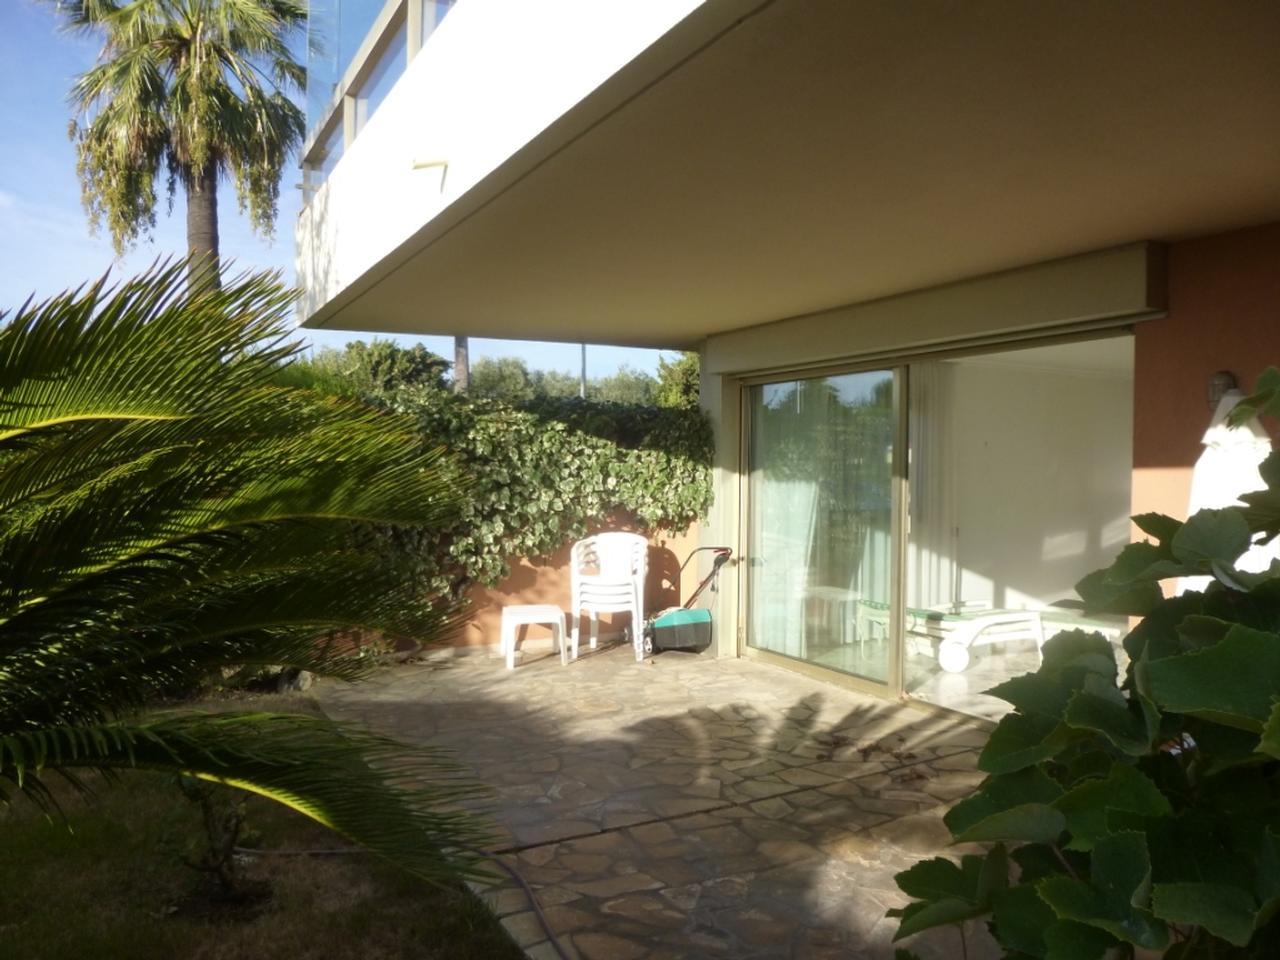 Immobilier nice vue mer appartement nice 3 pieces a vendre for Appartement rez de jardin nice